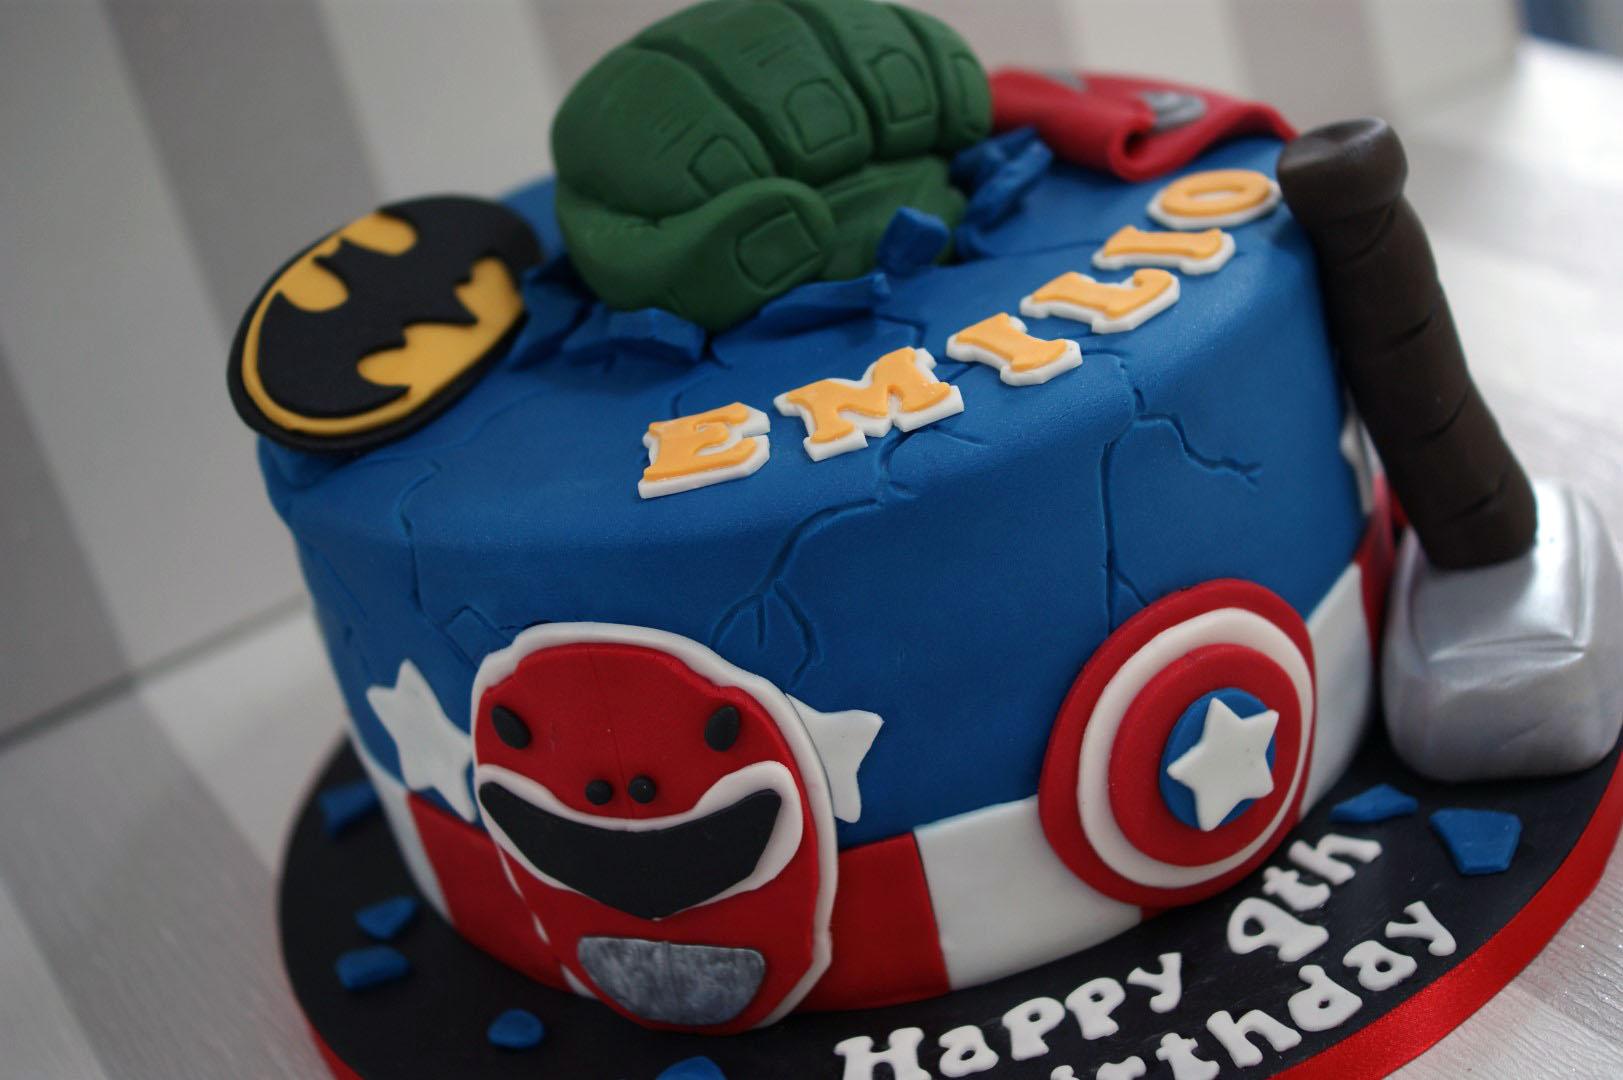 Marvelous Power Rangers Avengers Birthday Cake Bakealous Personalised Birthday Cards Veneteletsinfo